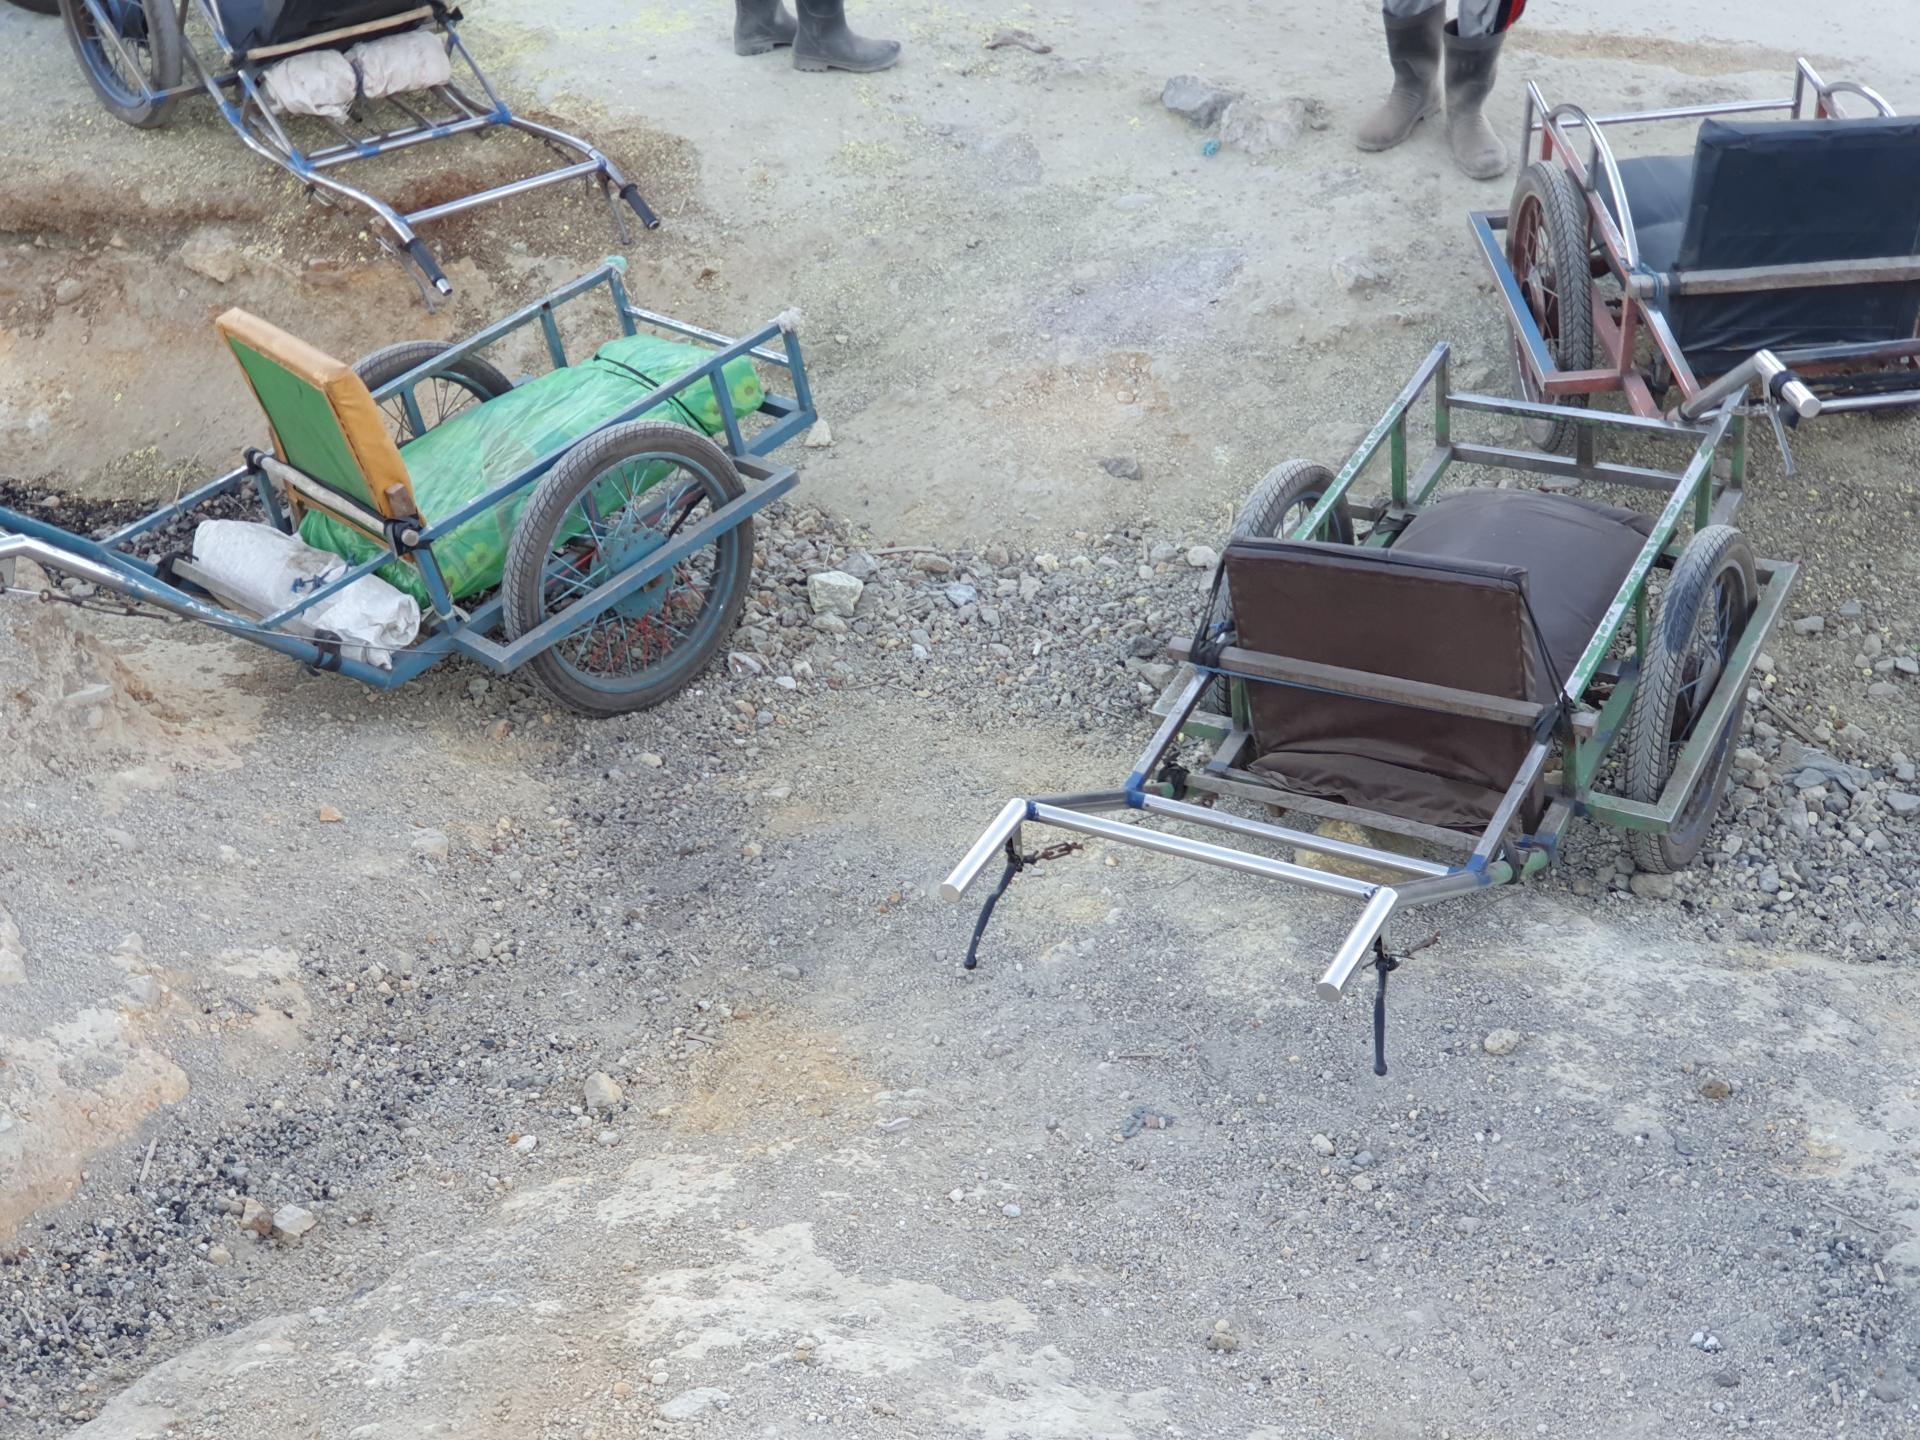 такси-ручная повозка для перевозки человека